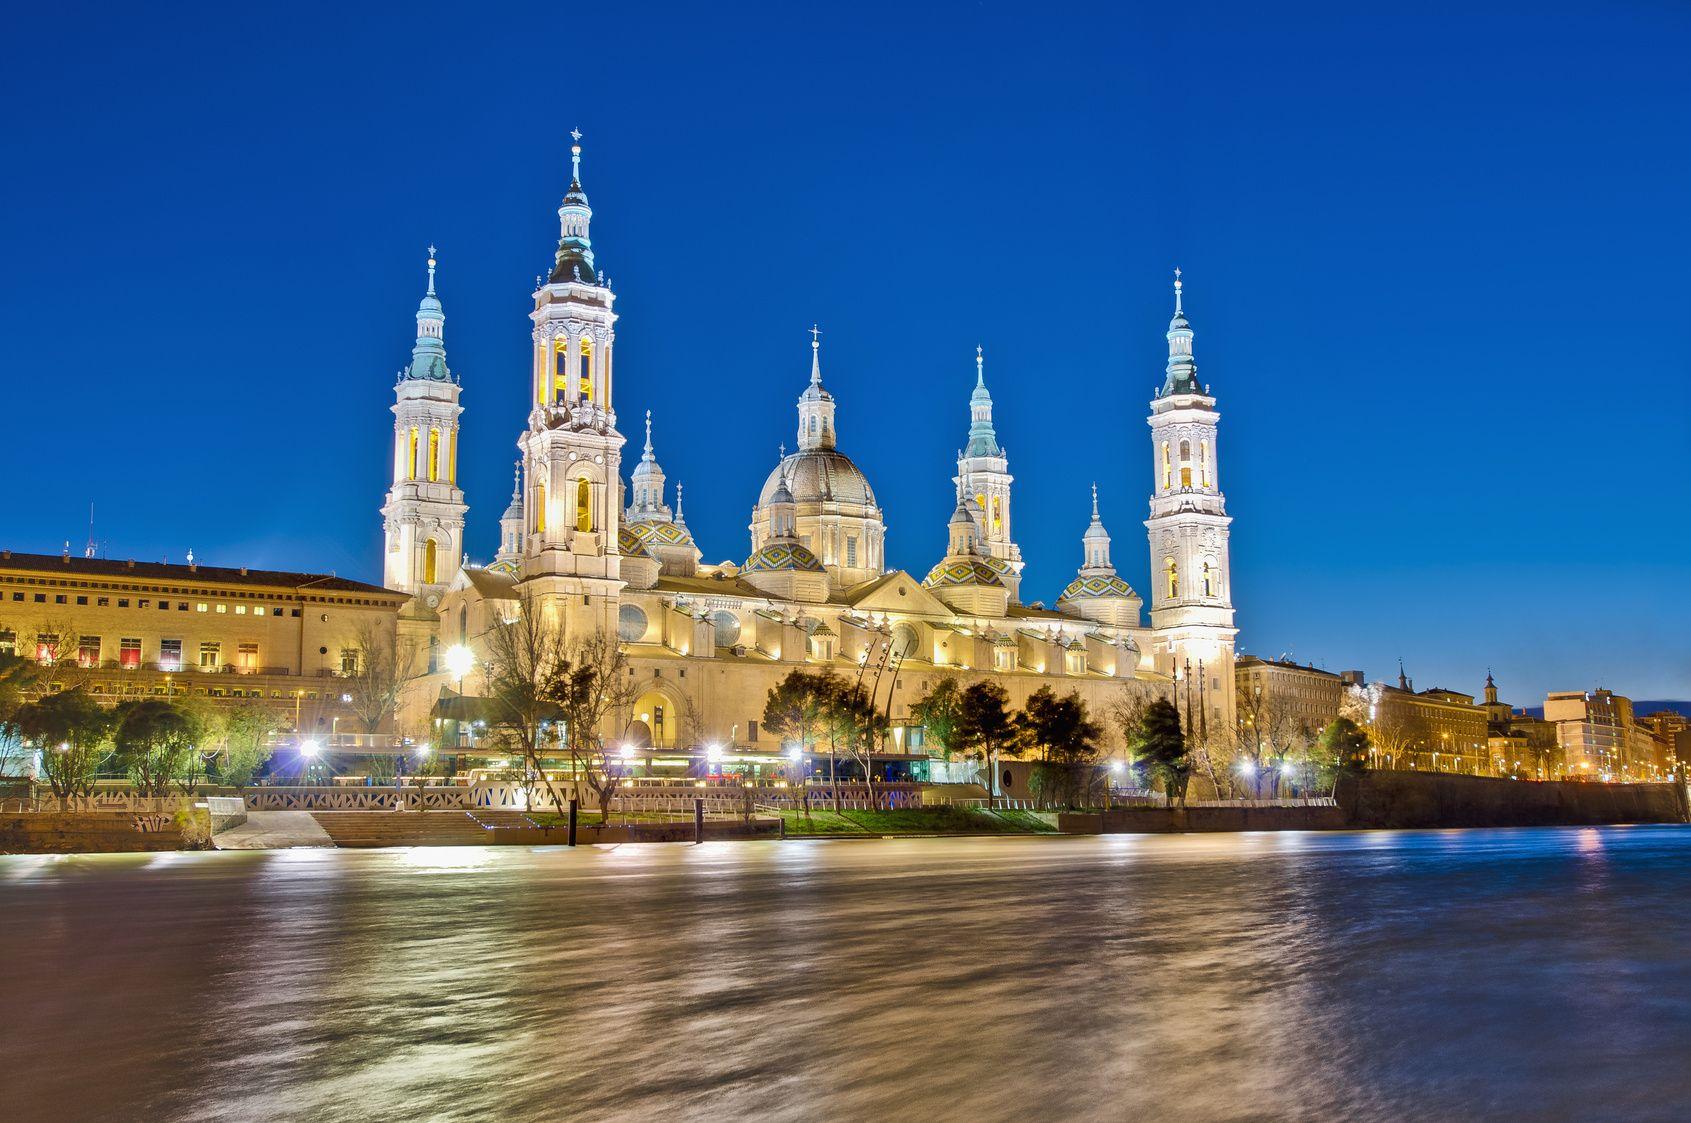 Fotografia Imagen del Pilar en Zaragoza, a orillas del río Ebro